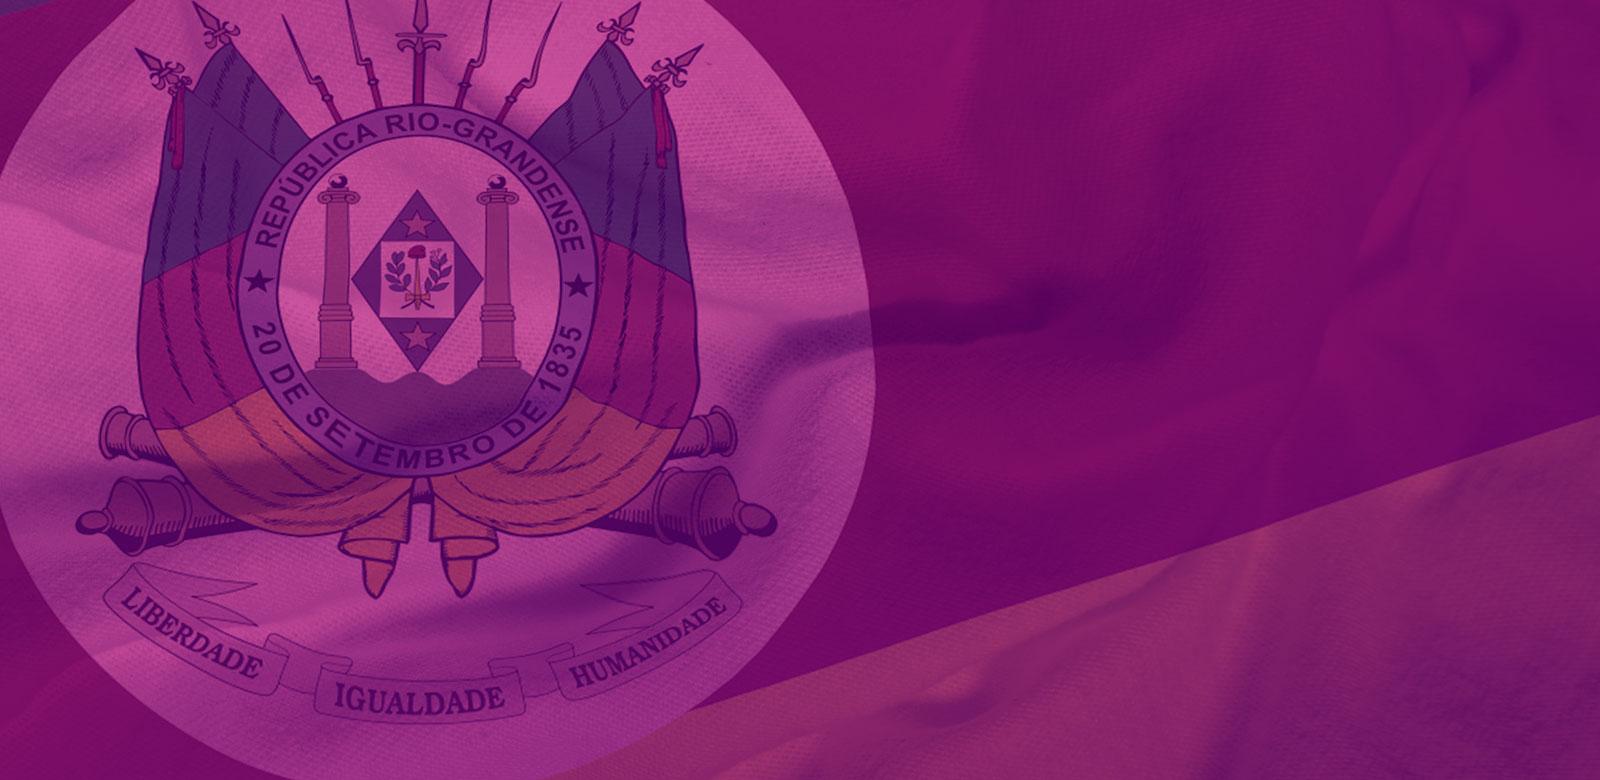 bandeira-rio-grande-sul